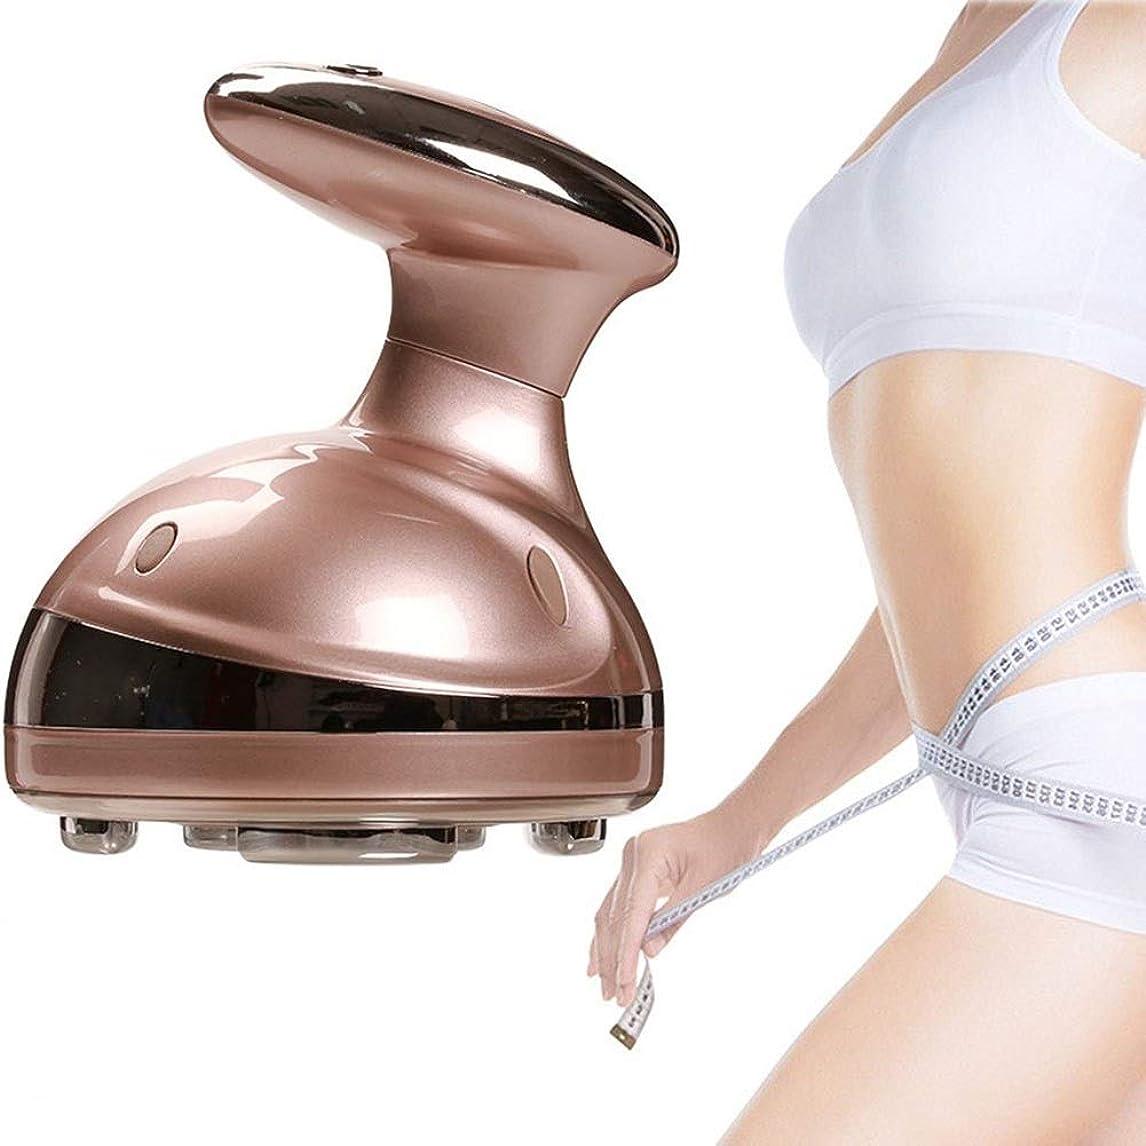 欲求不満なめらかな支払う超音波脂肪除去機、RF脂肪燃焼振動整形美容器具脂肪除去体重減少デバイス、LEDフォトンアンチセルライト痩身ボディ美容院